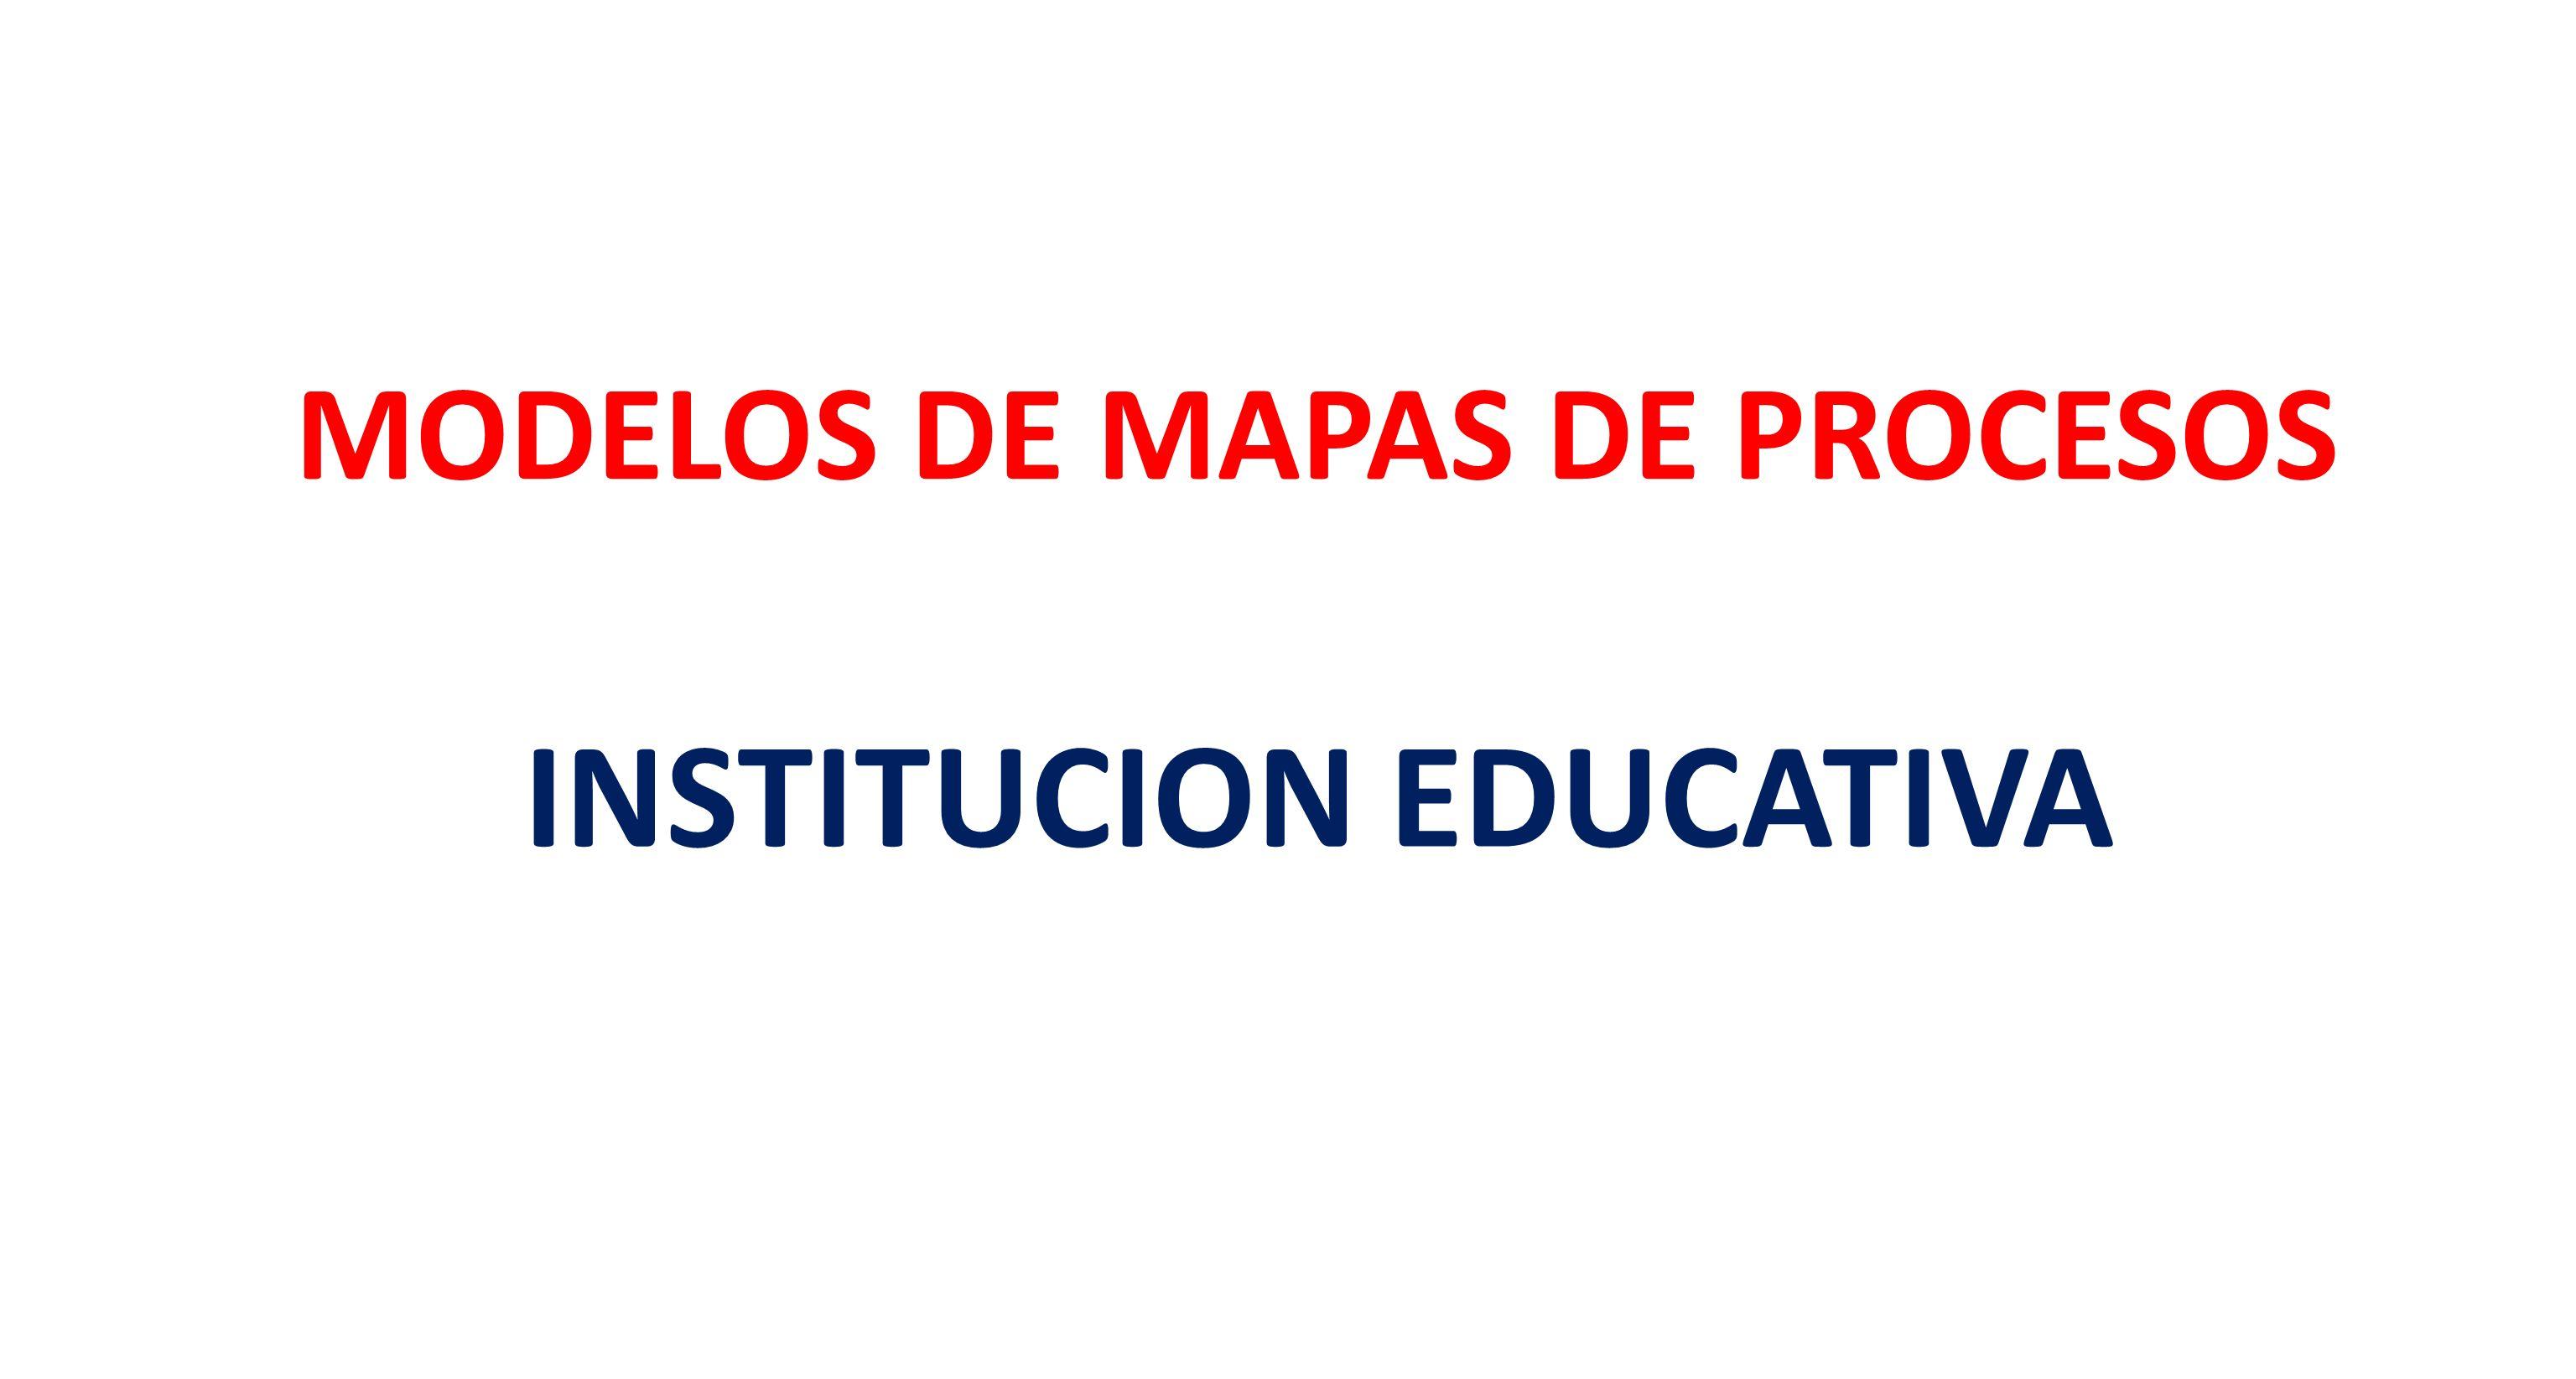 PROCESO ESTRATÉGICO SERVICIO EDUCATIVO PROCESOS MISIONALES PROCESOS DE APOYO DIRECCIONAMIENTO ESTRATÉGICO INSTITUCIONAL GESTIÓN ACADÉMICA GESTIÓN DE LA COMUNIDAD GESTIÓN ADMINISTRATIVA Y FINANCIERA RETROALIMENTACIÓN ENTRADAS GESTIÓN CALIDAD PROCESO DE EVALUACIÓN MEJORA CONTINUA GESTIÓN DEL TALENTO HUMANO GESTIÓN MATRICULAS MODELO DE OPERACIÓN POR PROCESOS INSTITUCIÓN EDUCATIVA NUEVO LATIR